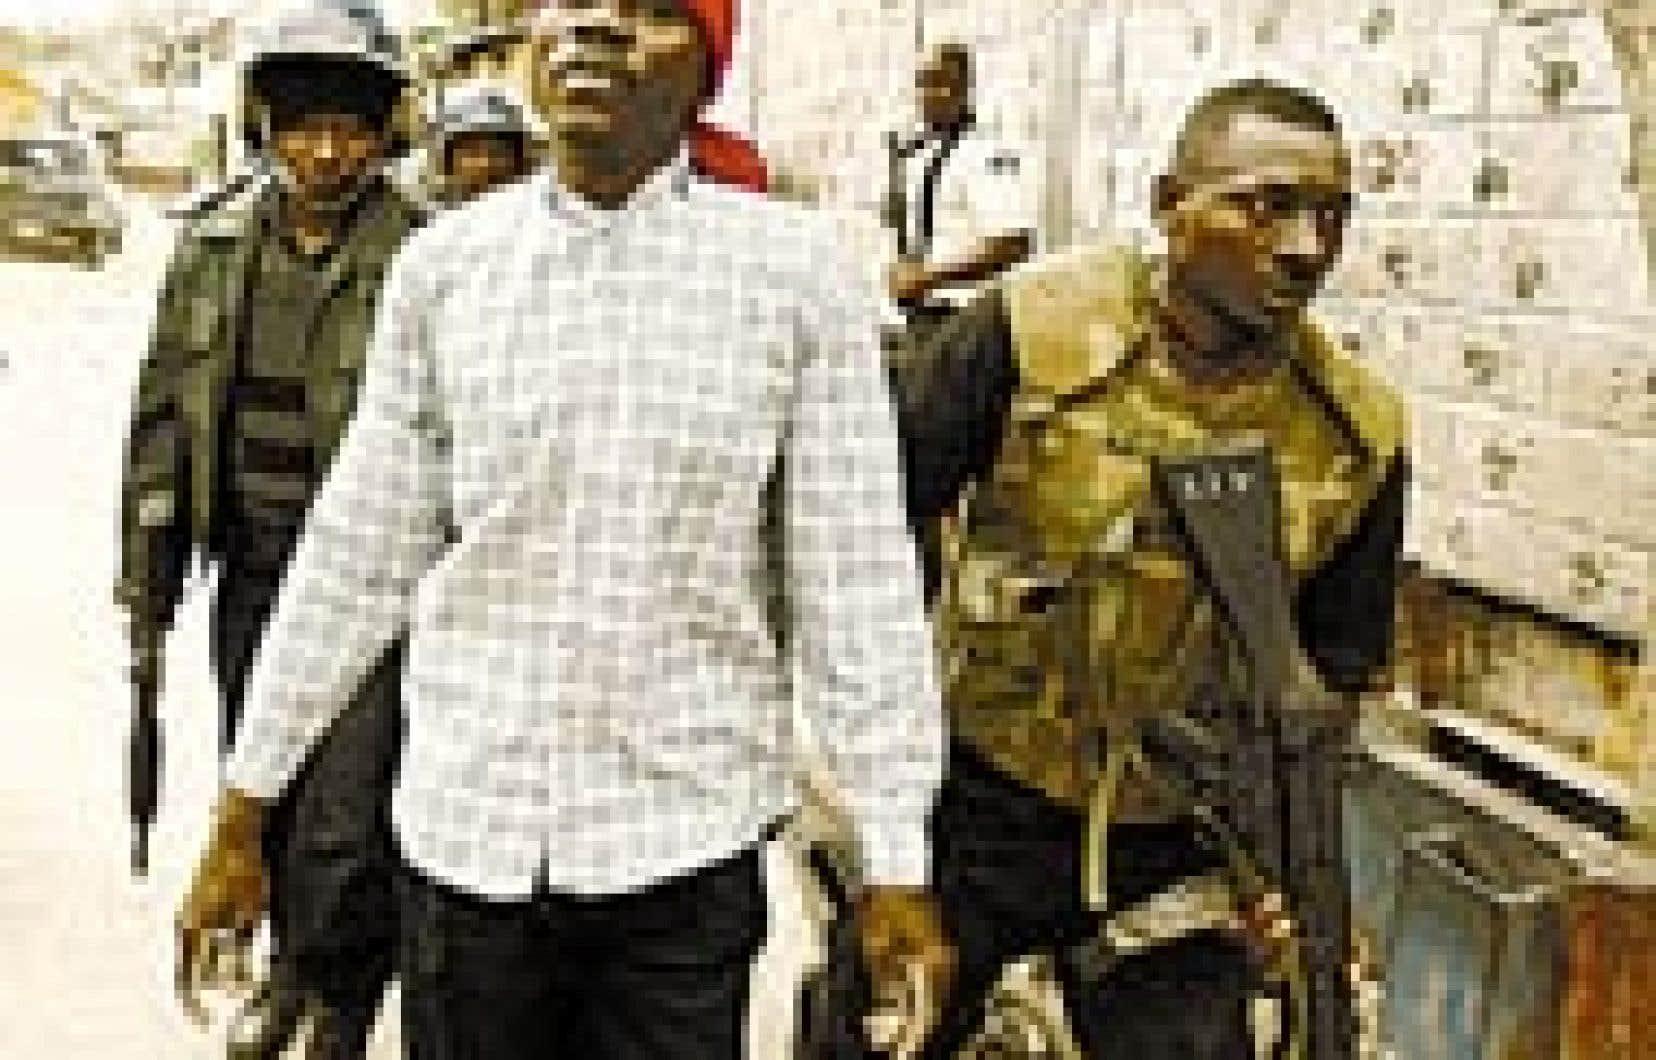 Des policiers haïtiens arrêtent un étudiant soupçonné d'avoir lancé une pierre au cours de la manifestation organisée hier à Port-au-Prince.